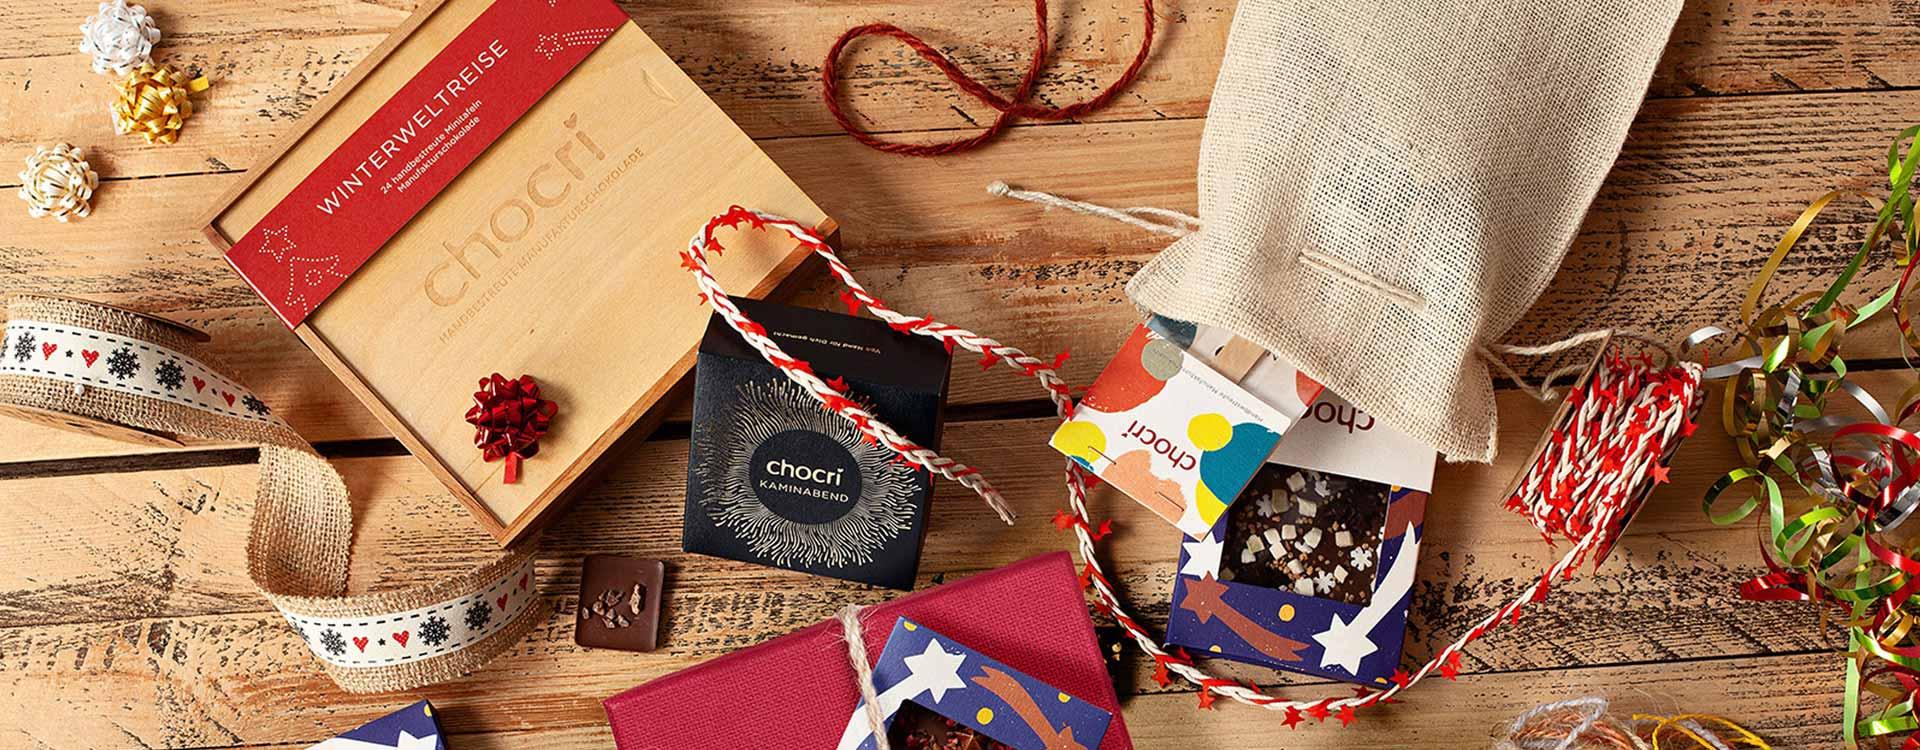 Nikolausgeschenke sind liebe Geschenkideen für Kinder und Erwachsene